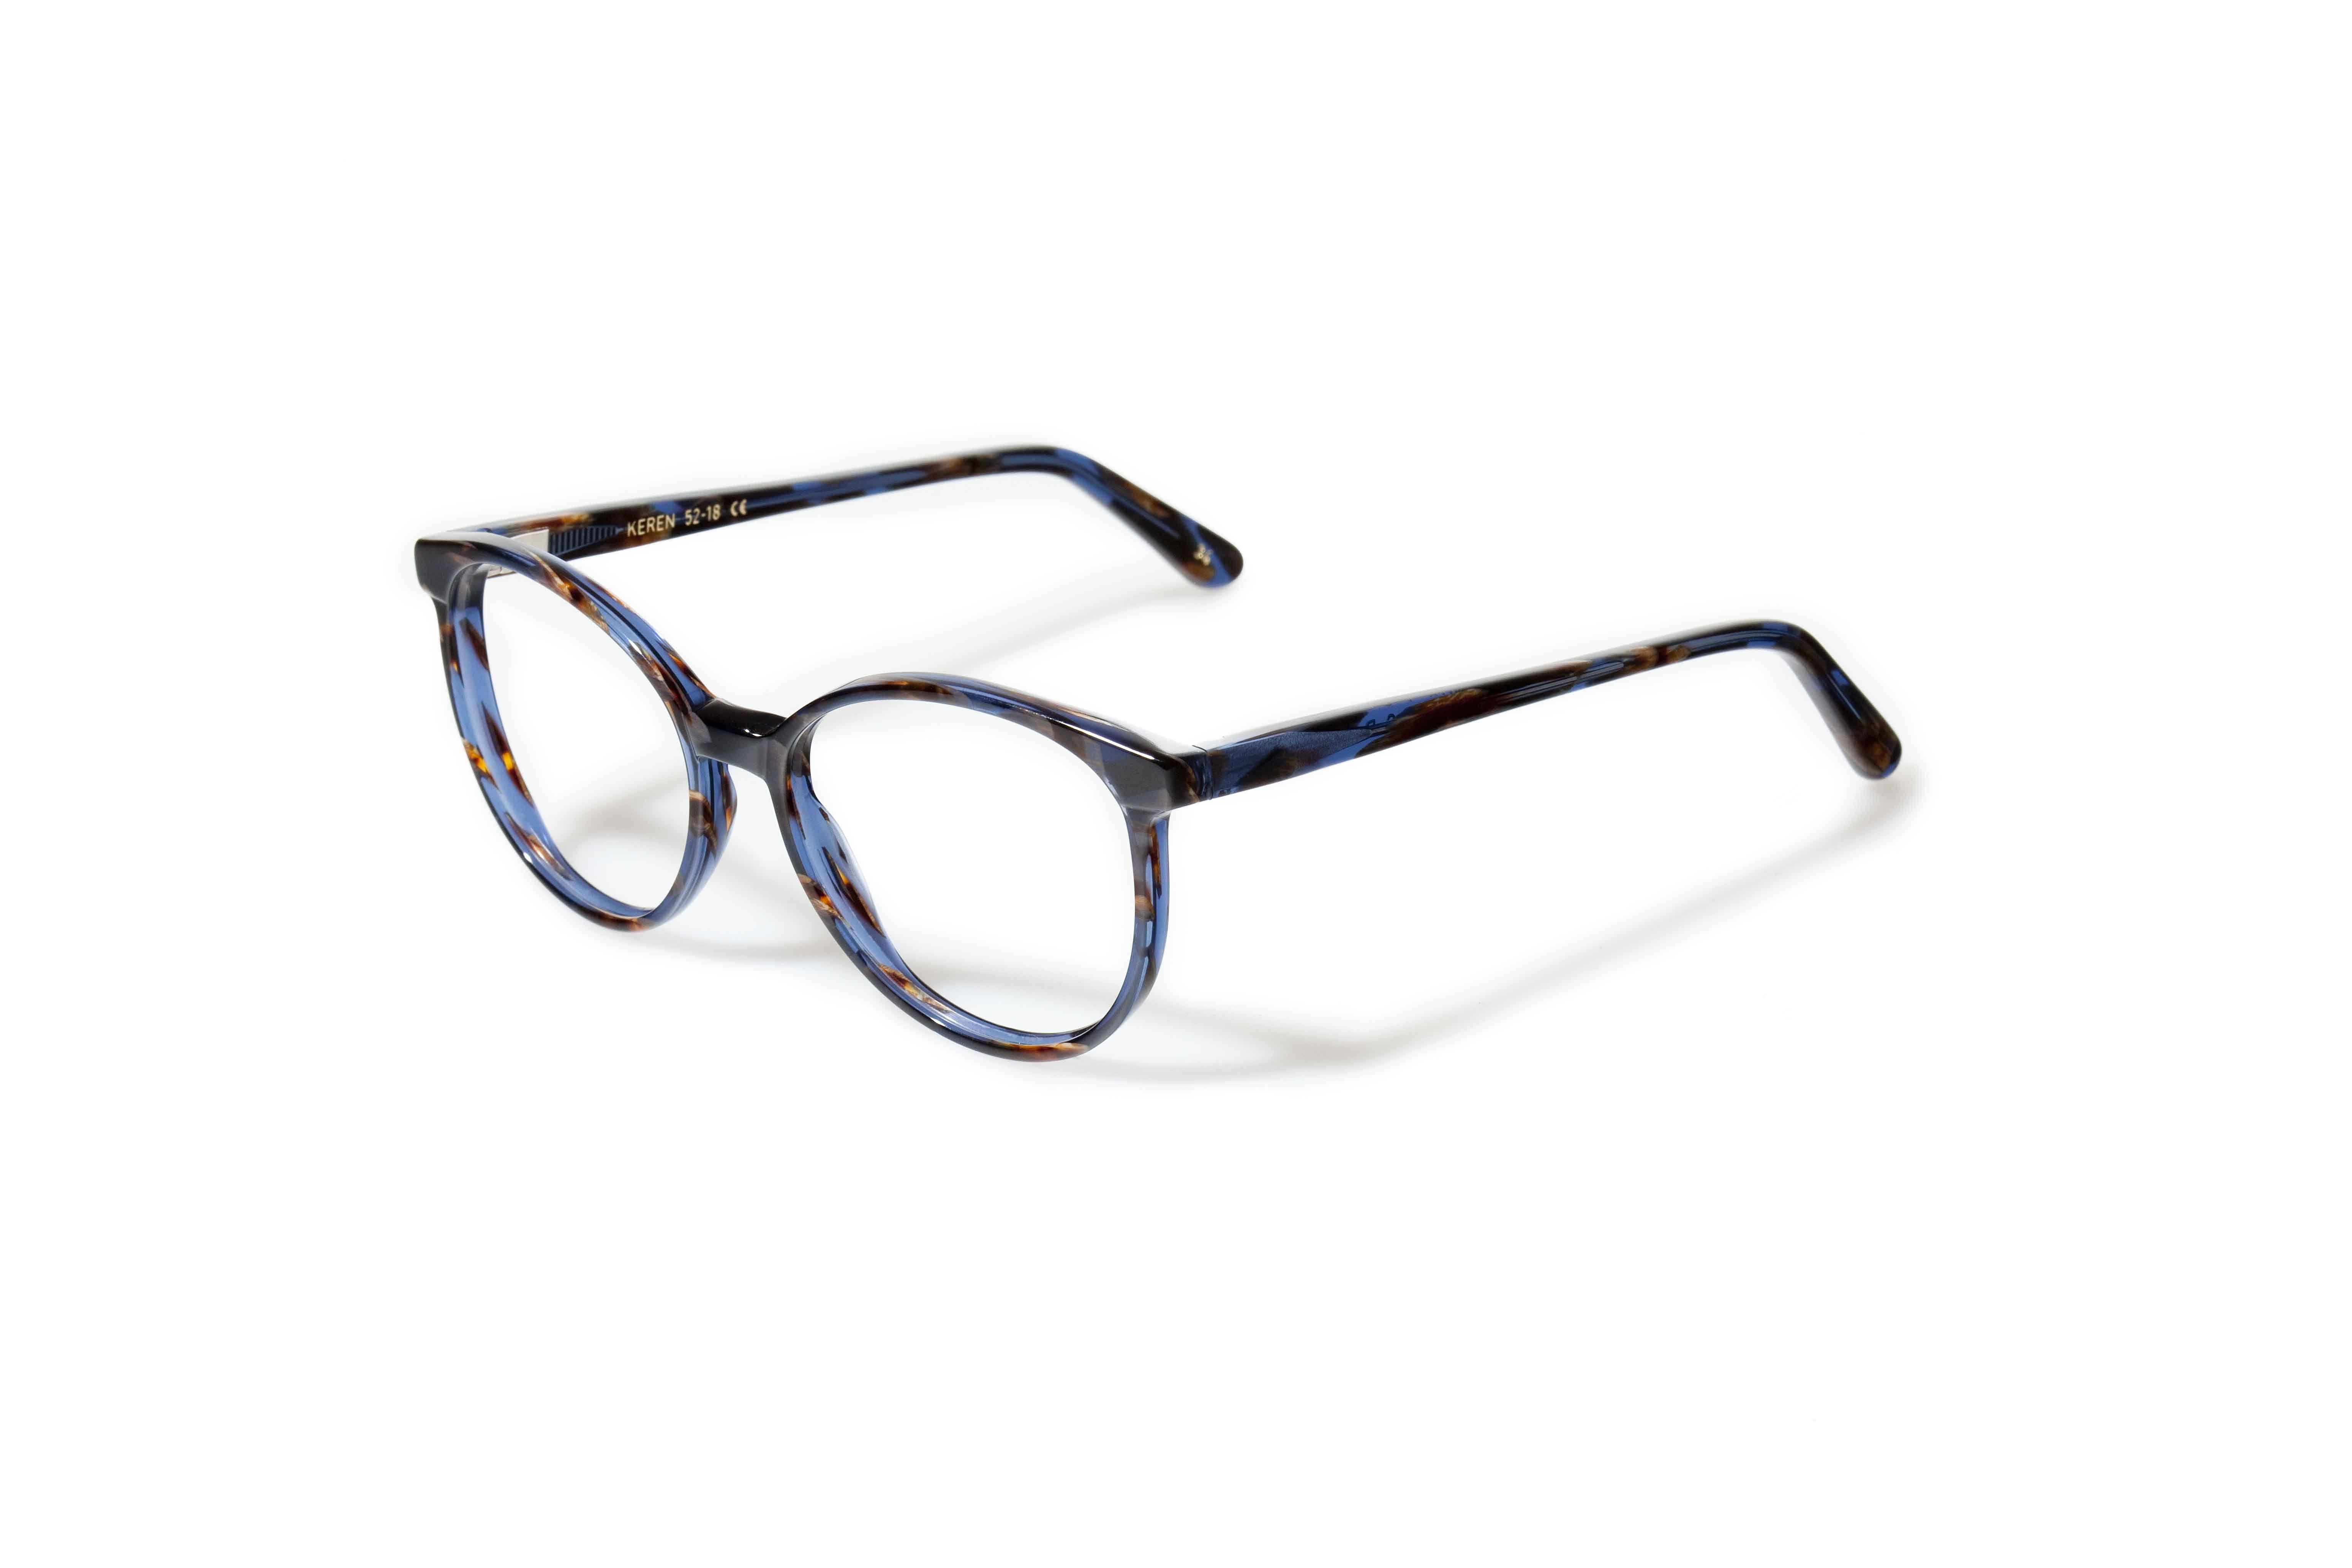 L.G.R sunglasses Mod. KEREN havana blue